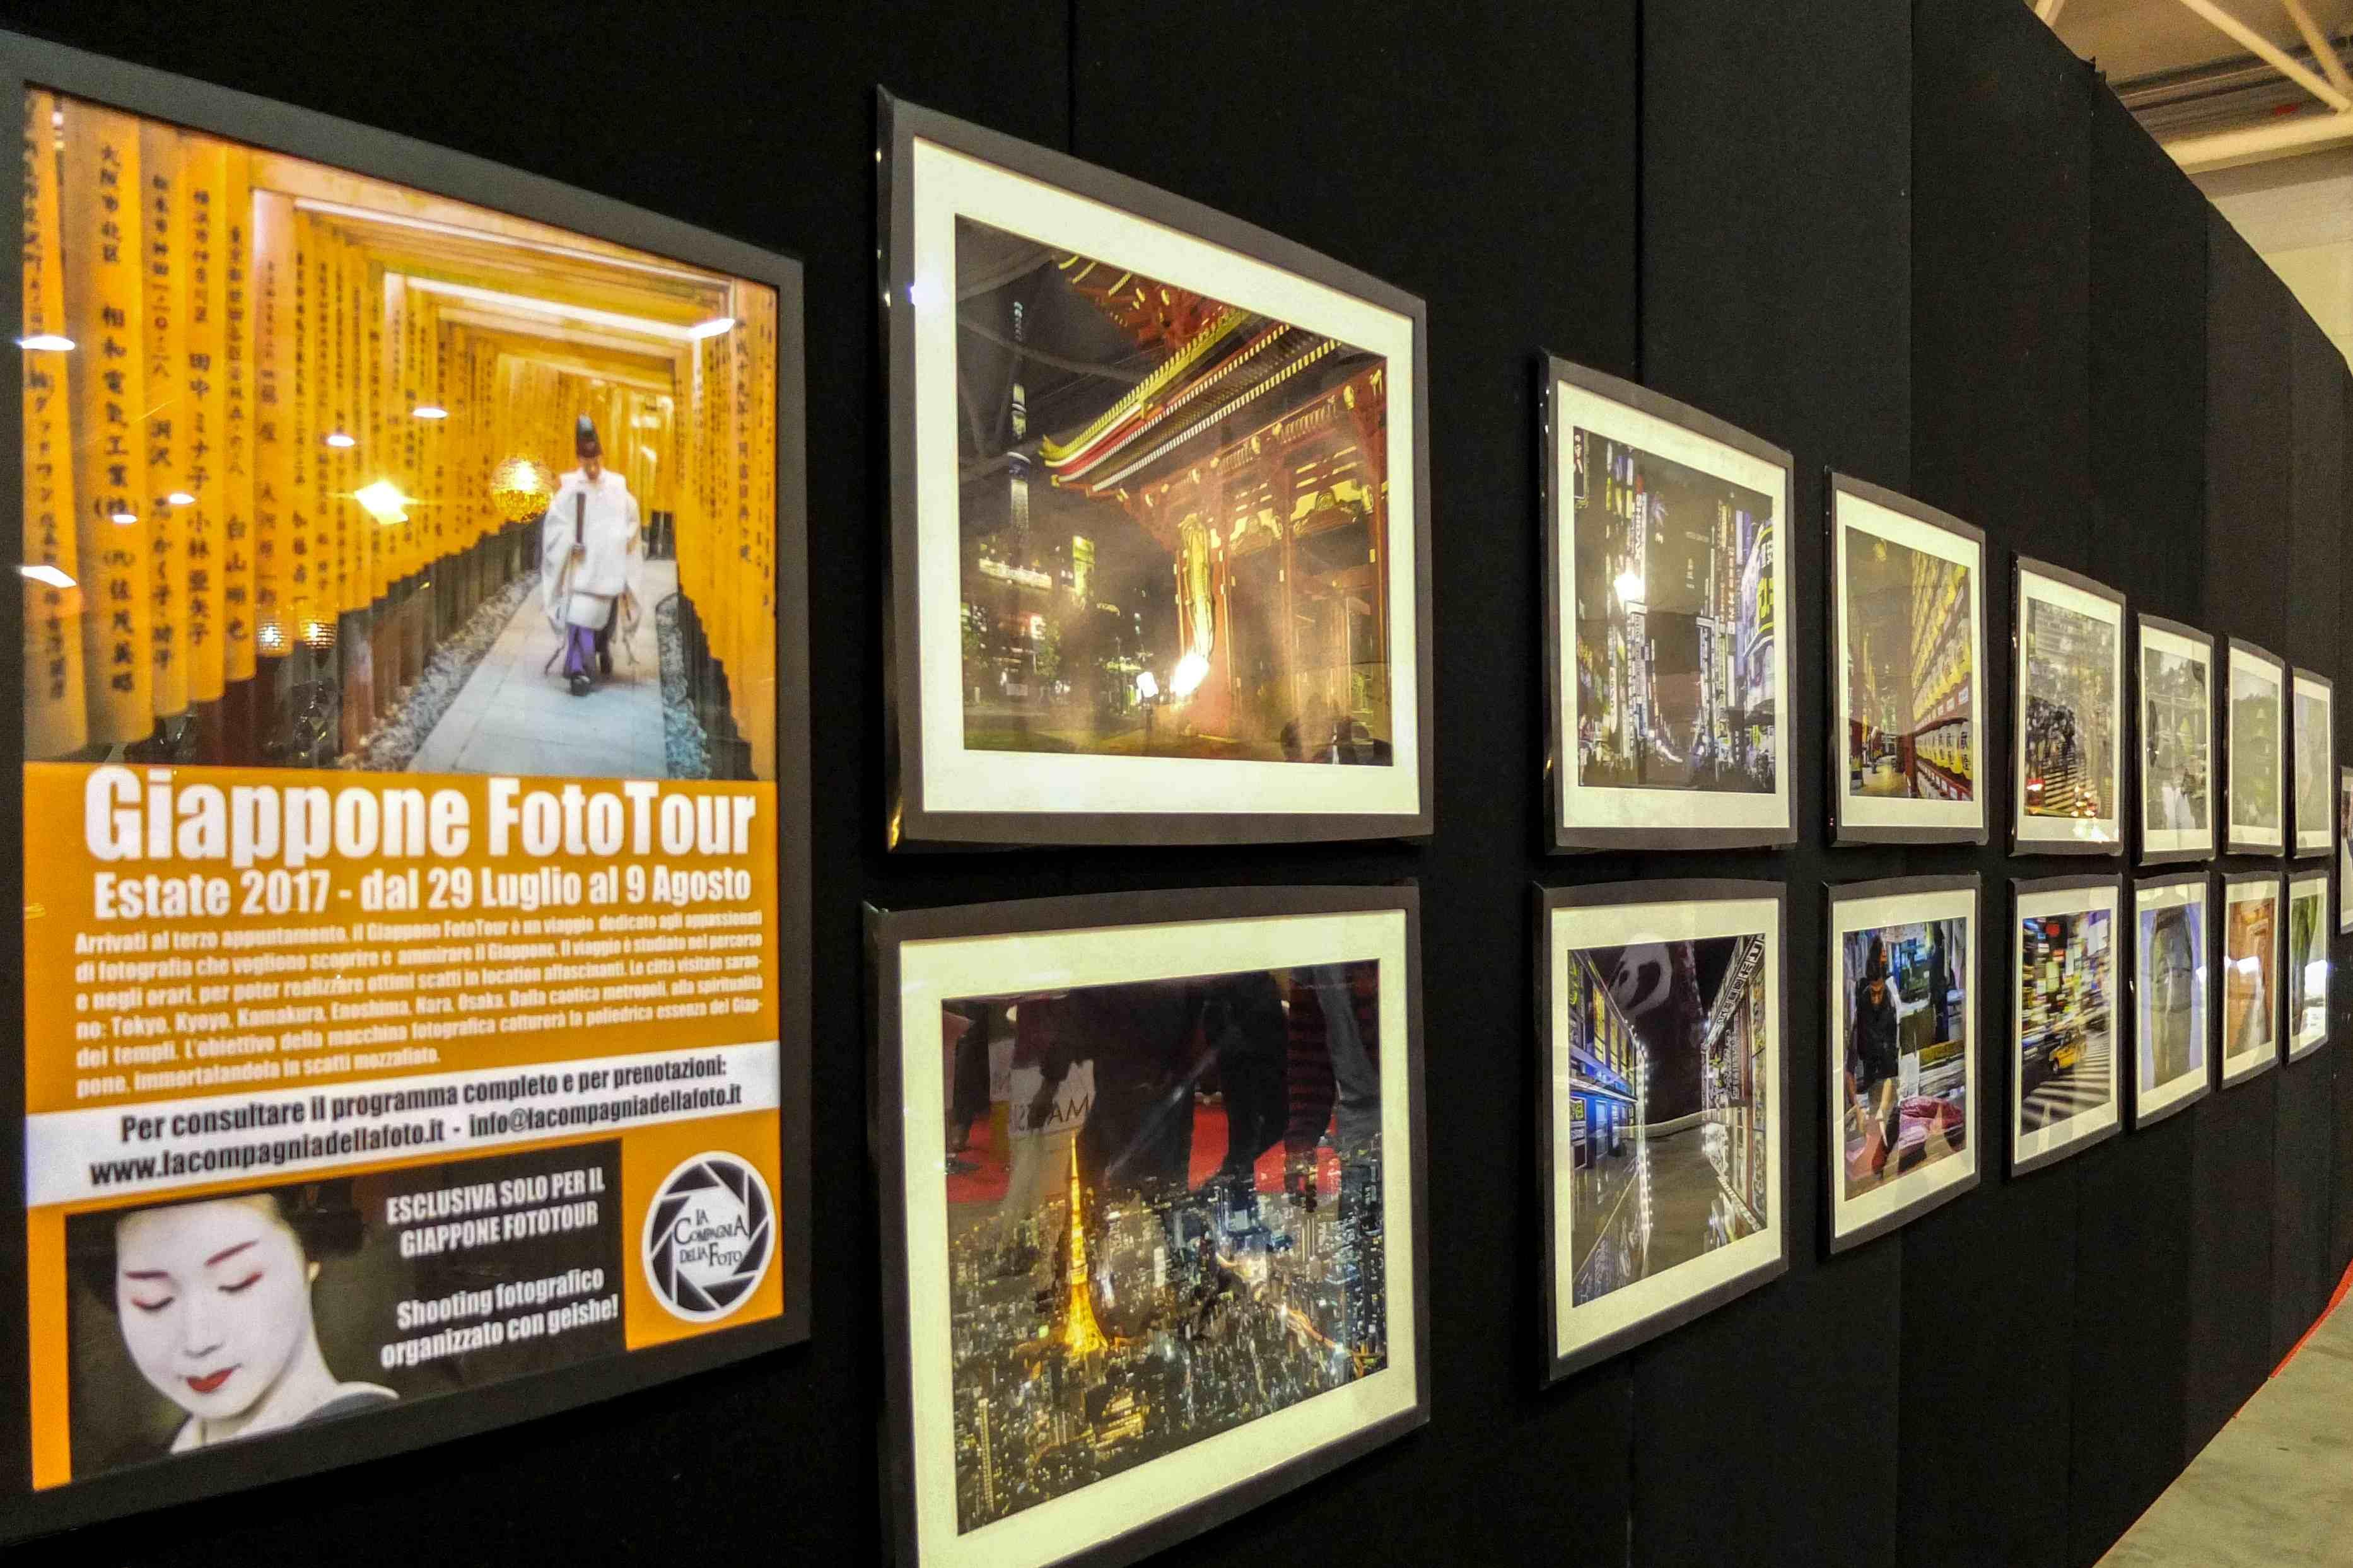 Mostra Giappone FotoTour al Festival dell'Oriente di Roma